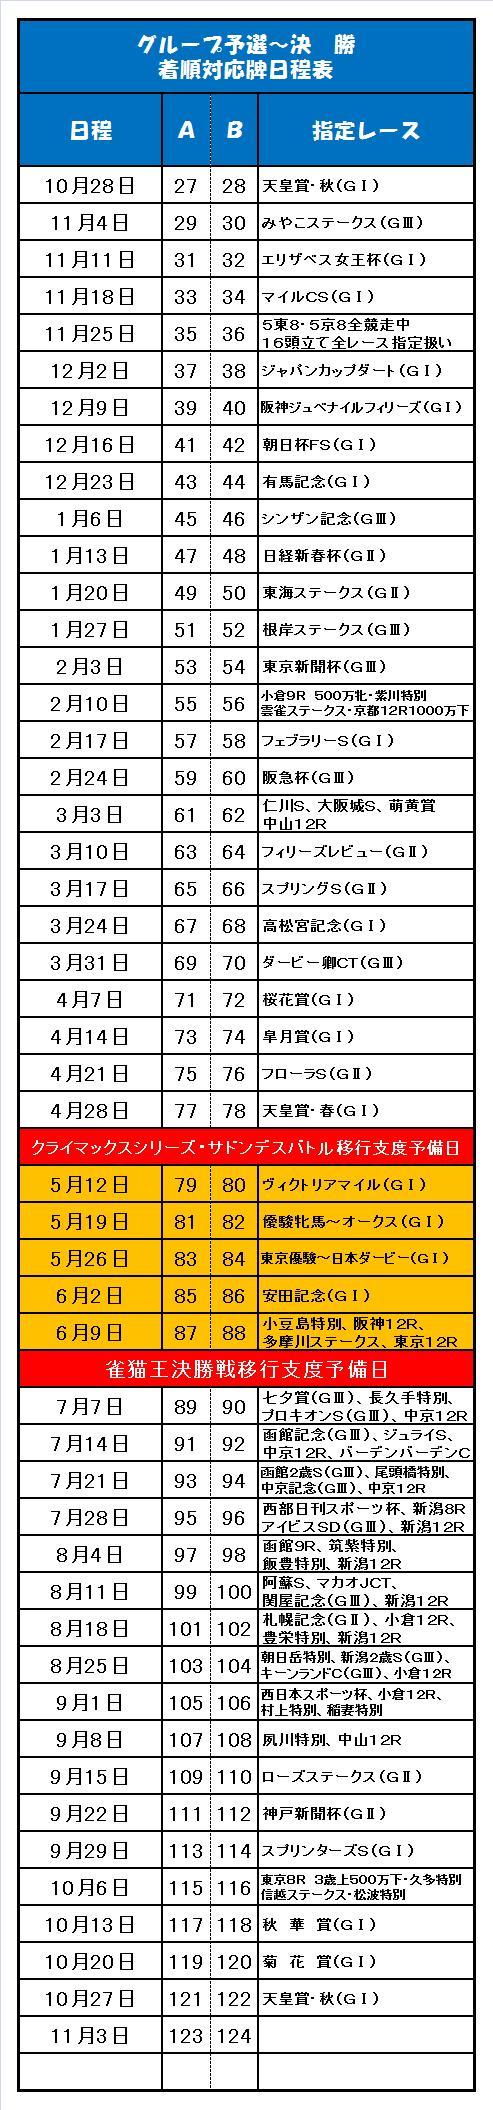 20131020・日程表.jpg